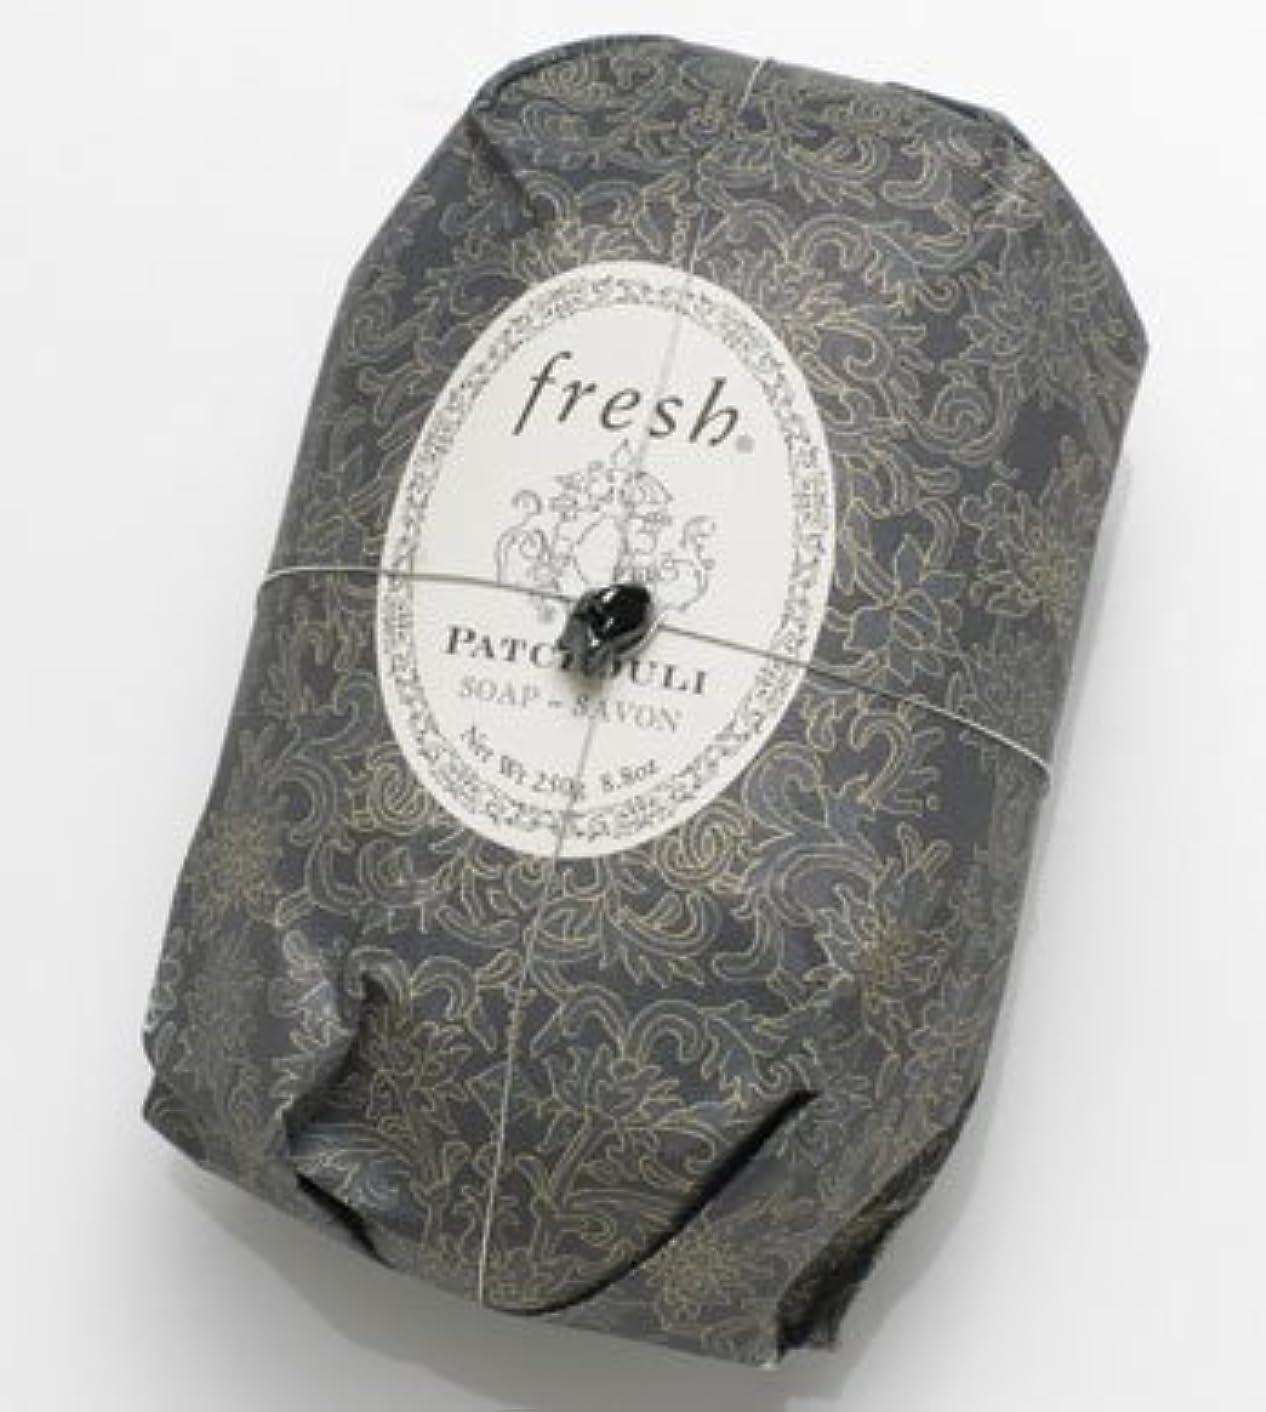 南今日啓示Fresh PATCHOULI SOAP (フレッシュ パチョリ ソープ) 8.8 oz (250g) Soap (石鹸) by Fresh